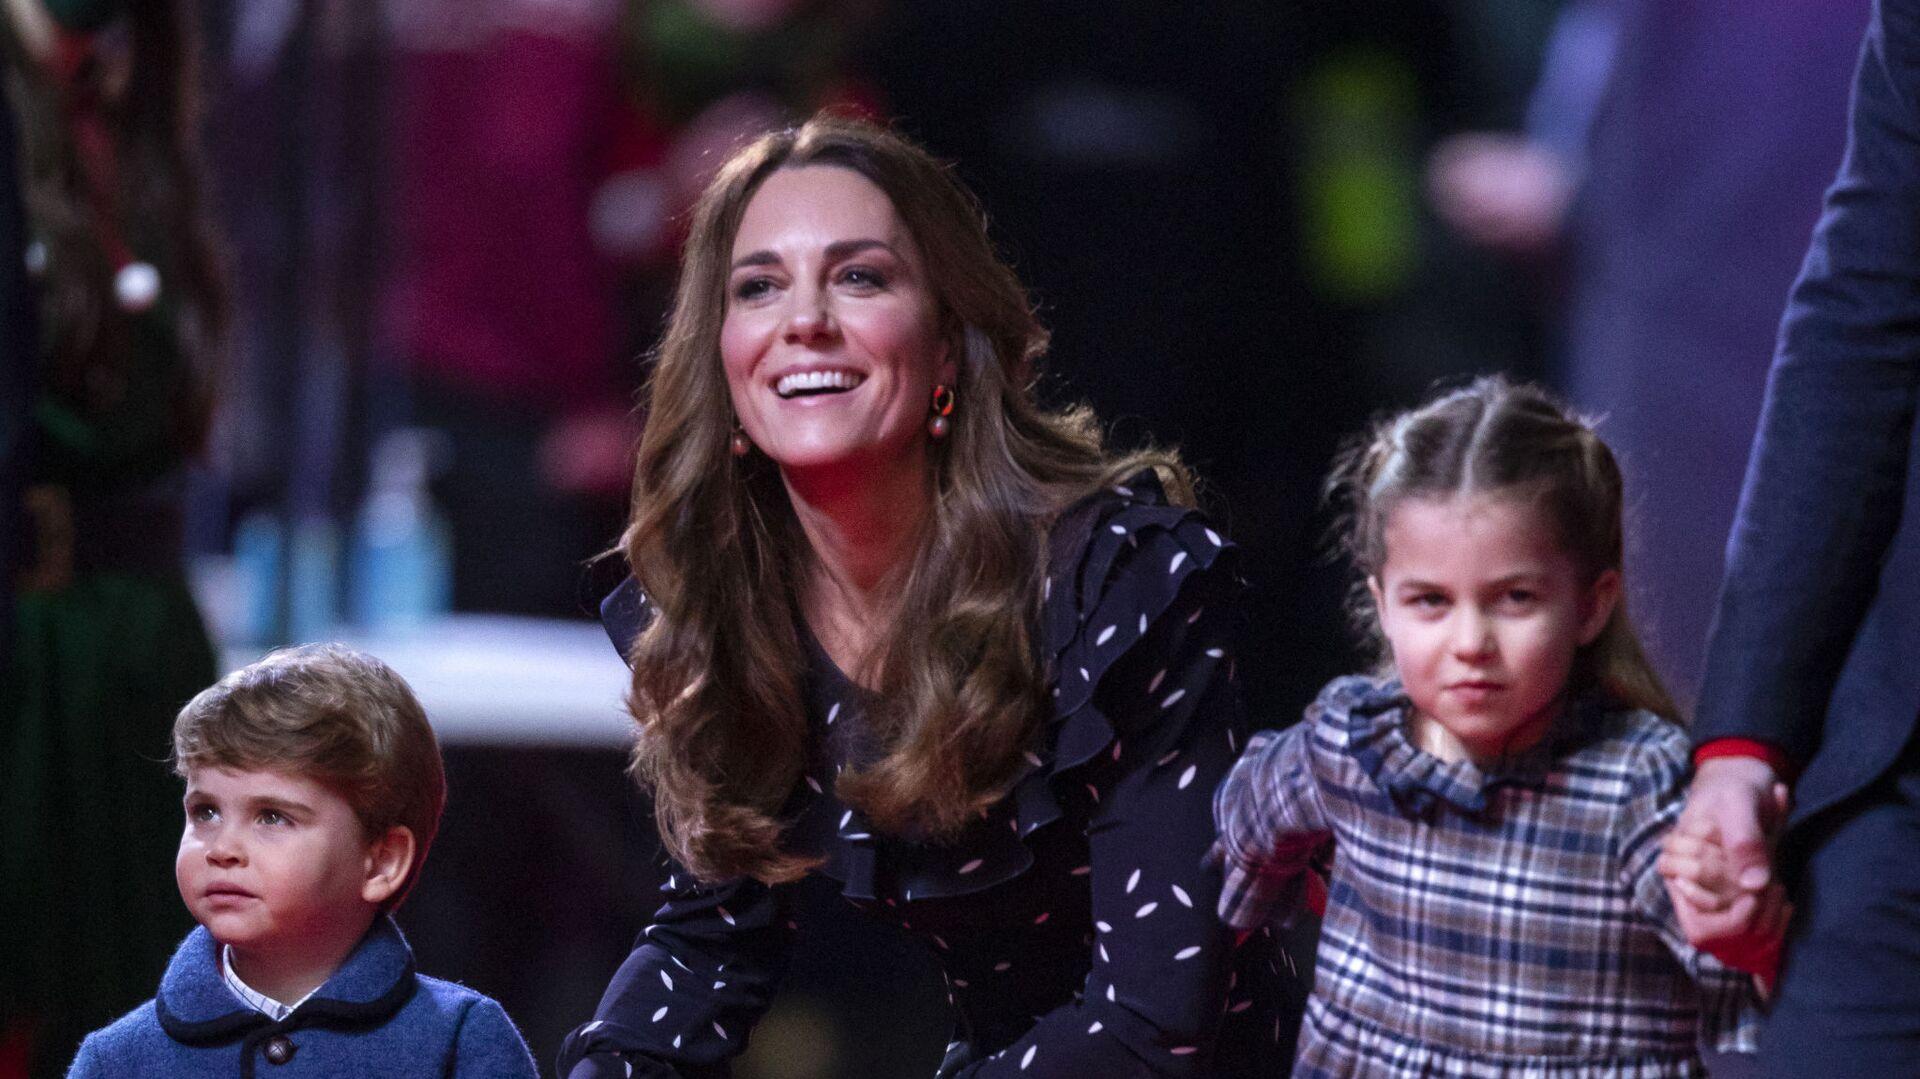 Kate Middletonová s dětmi princeznou Charlotte a princem Louisem - Sputnik Česká republika, 1920, 08.08.2021